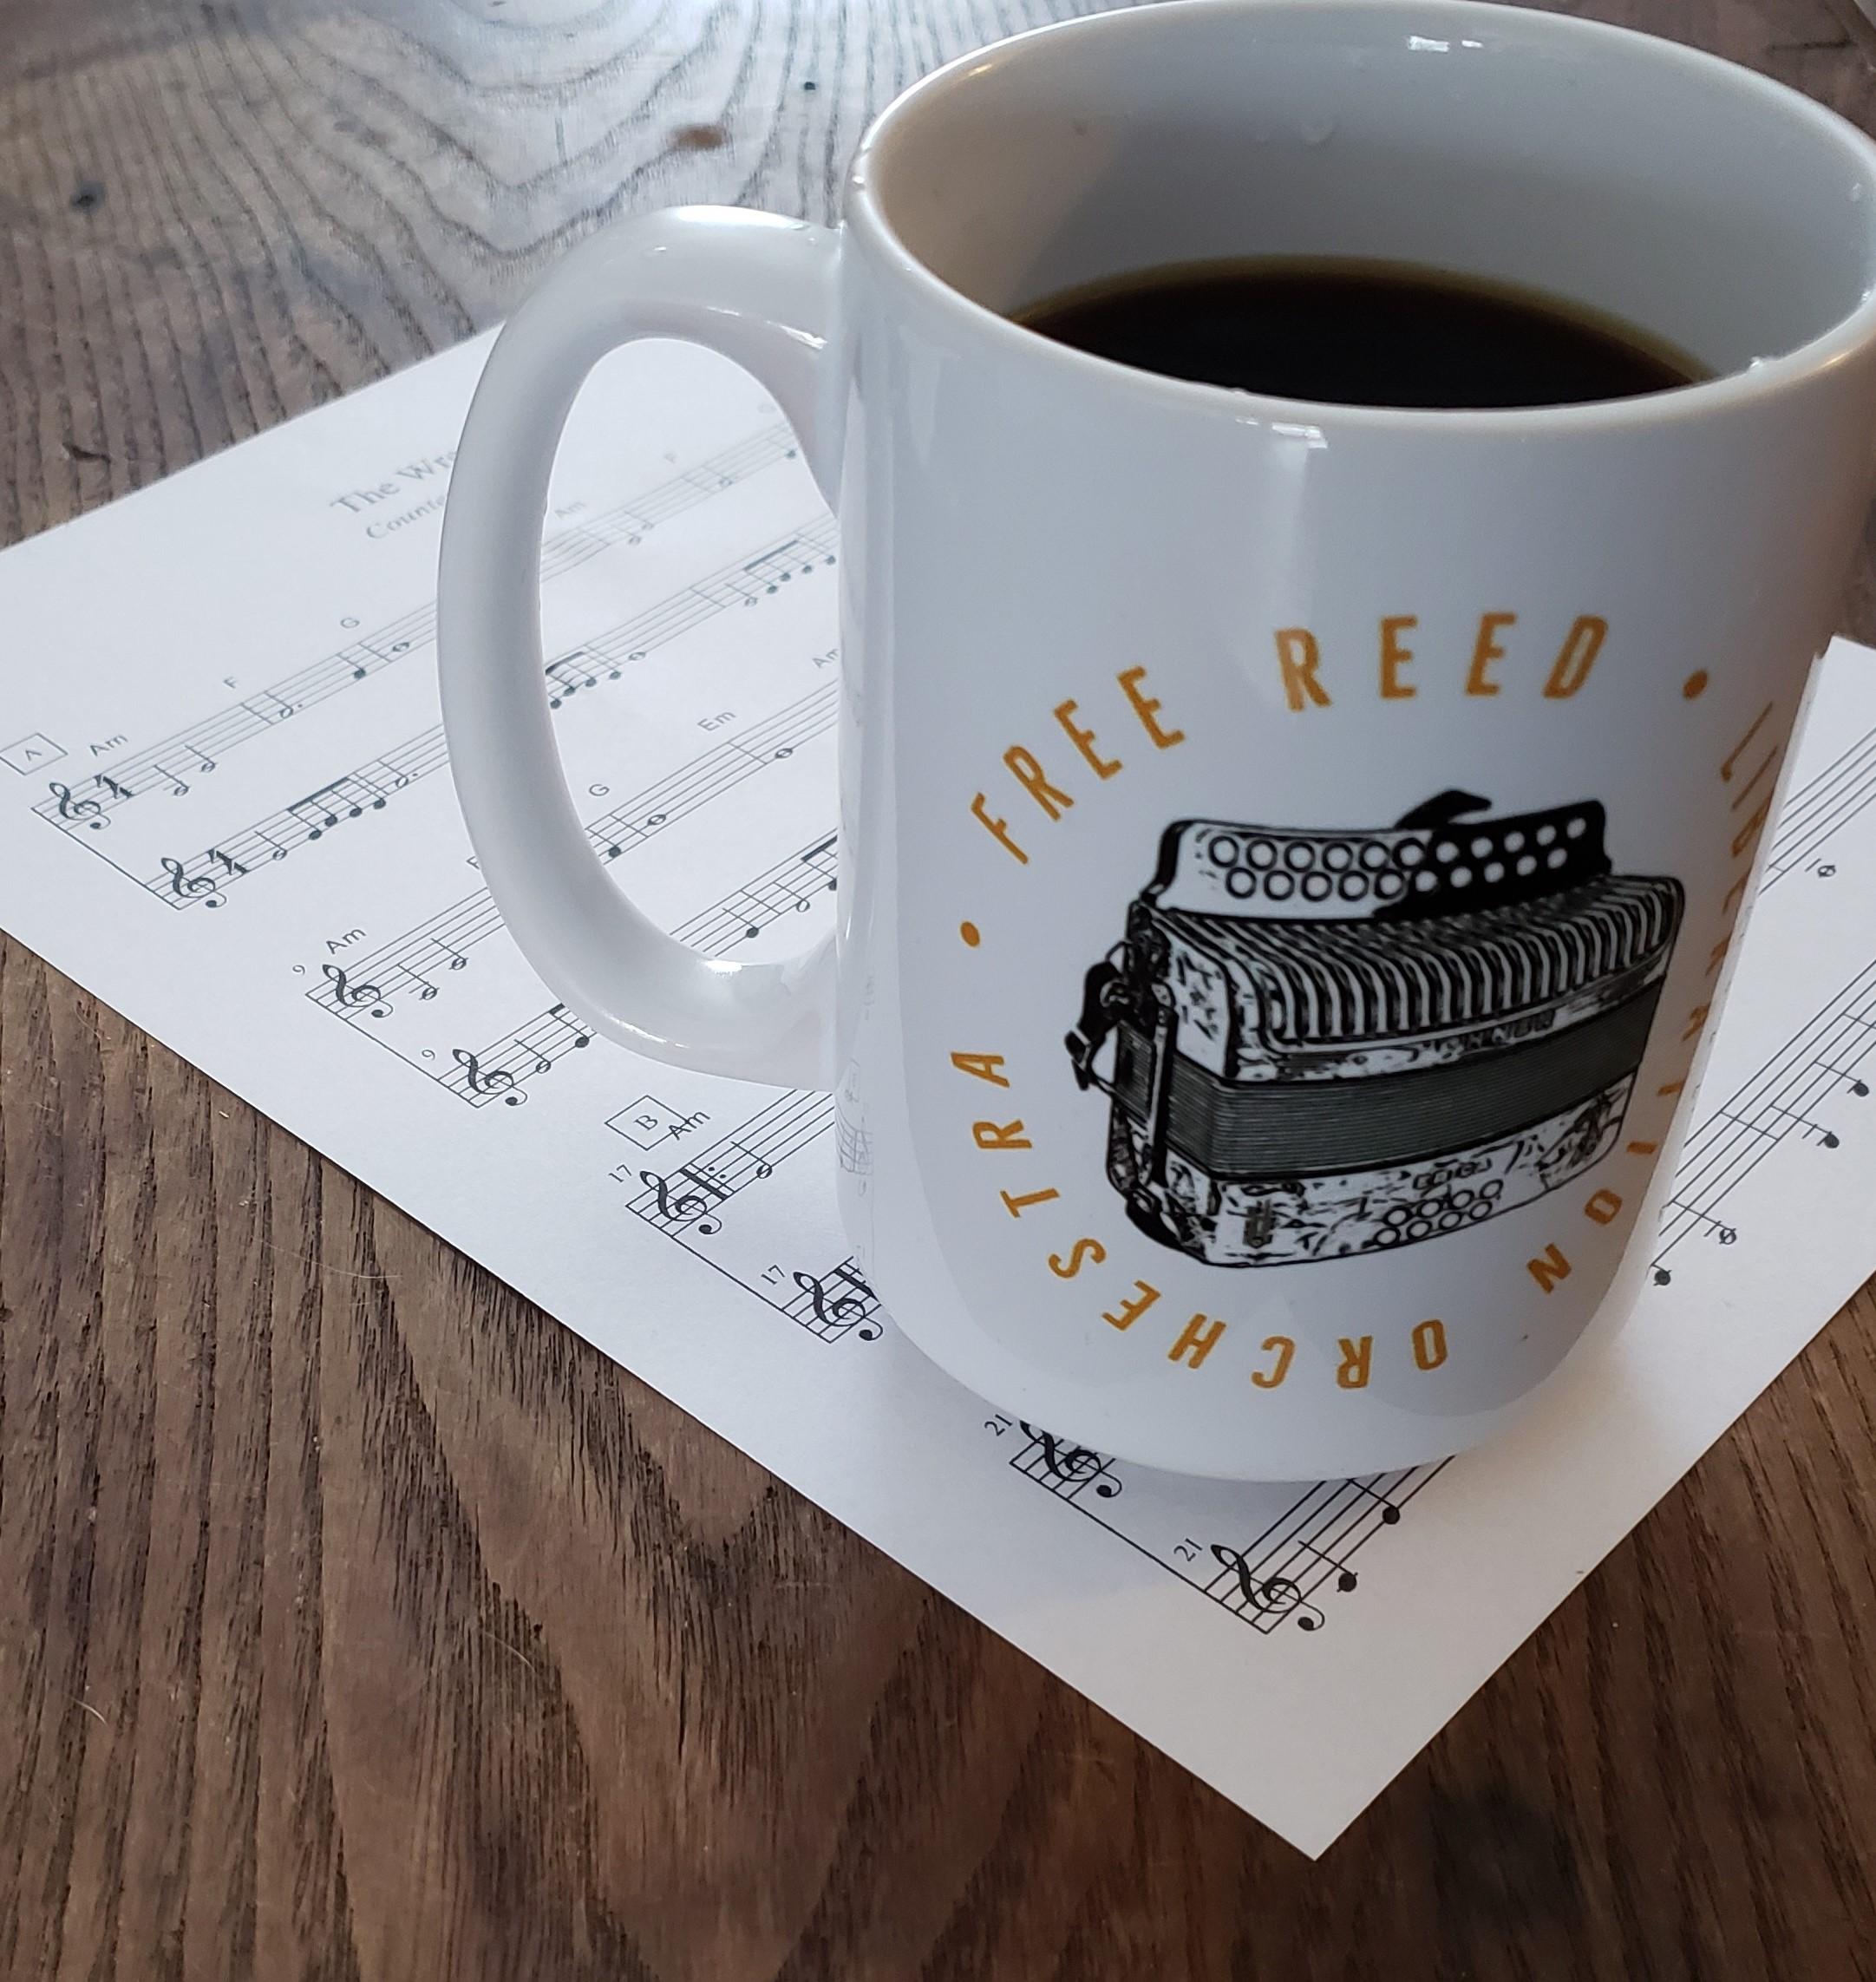 A Free Reed Liberation Orchestra mug